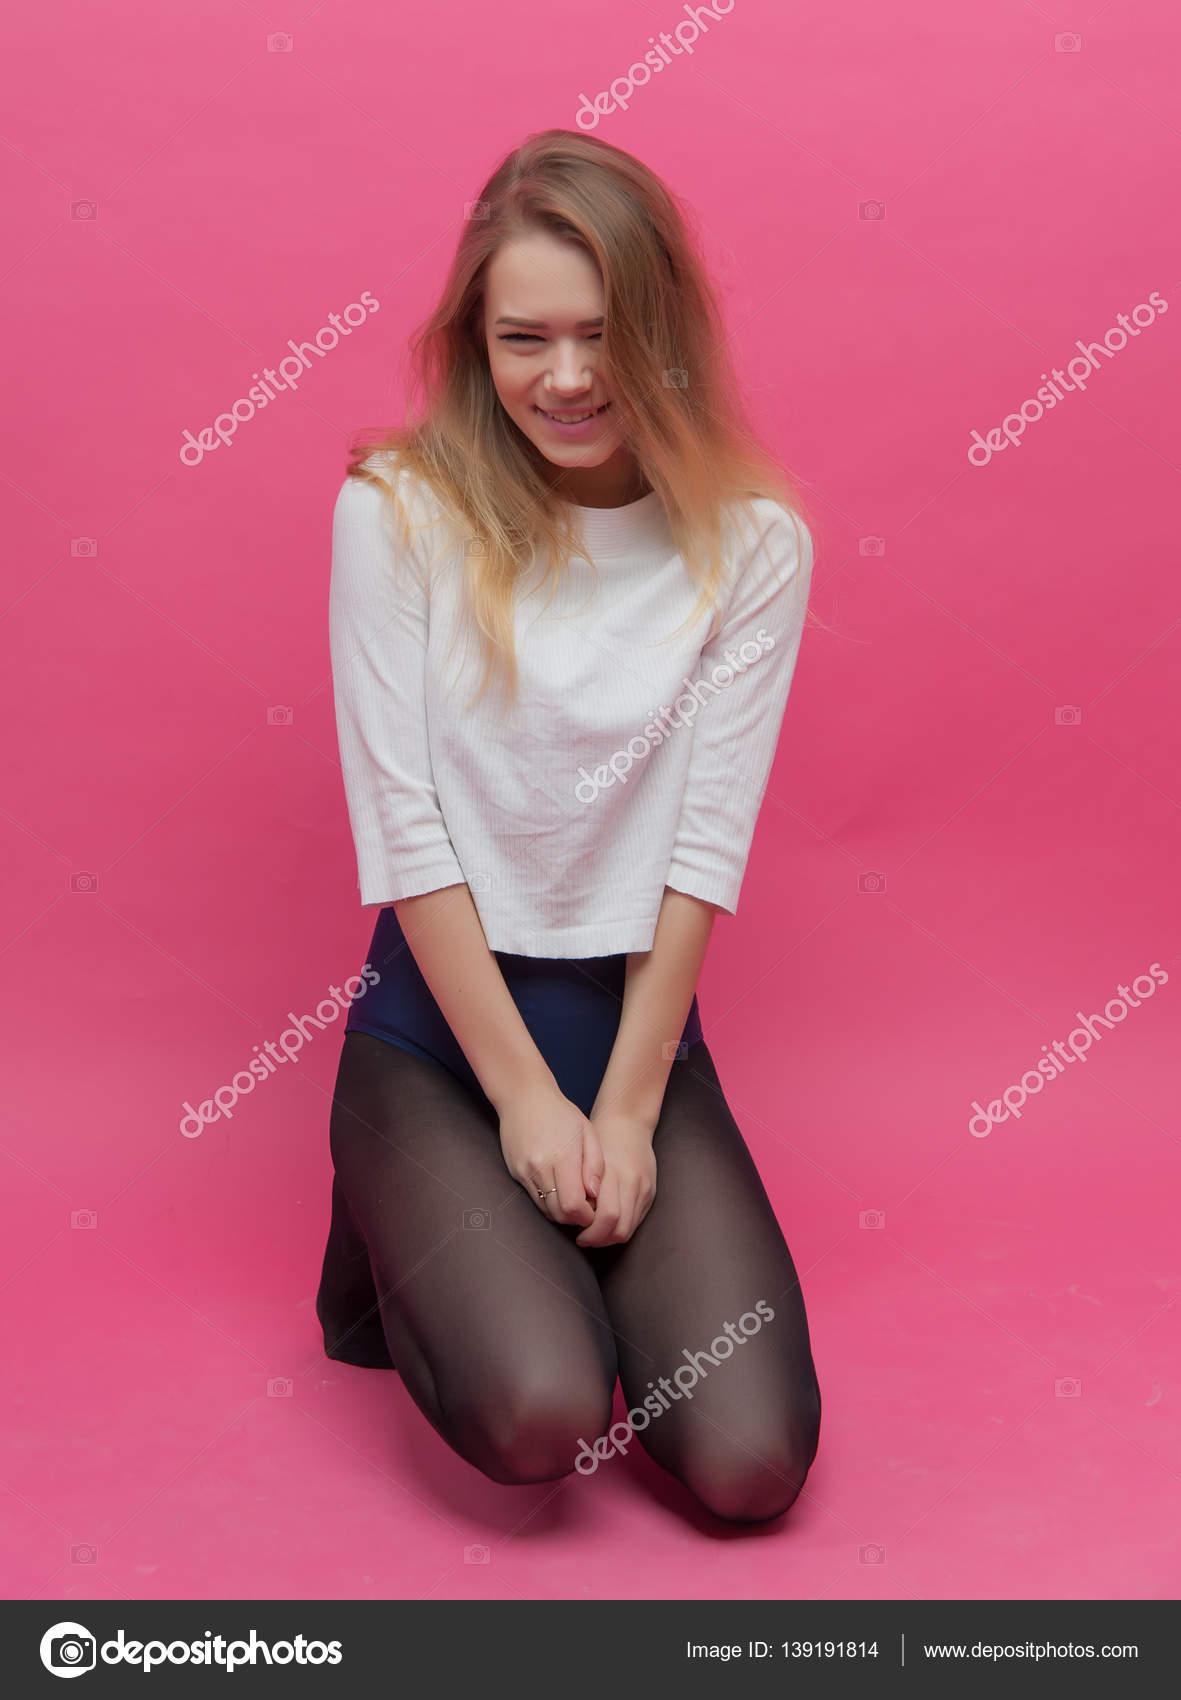 1b21bc0f4b997 Mädchen in schwarzen Strumpfhosen tanzen auf einem rosa Hintergrund ...